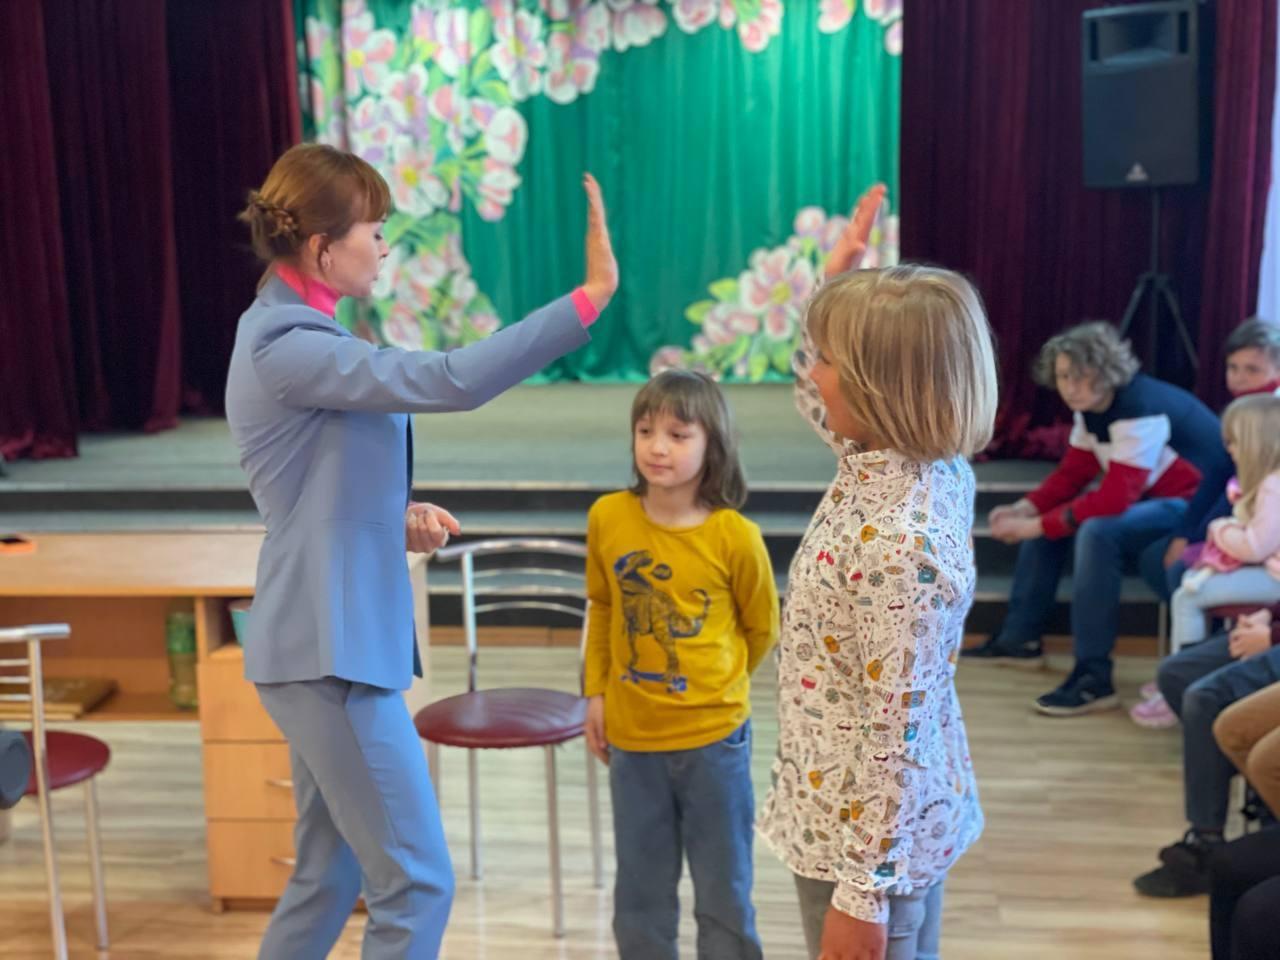 В Україні відбувся масштабний дитячий літературний конкурс: дивіться, як це було (ФОТО) - фото №1